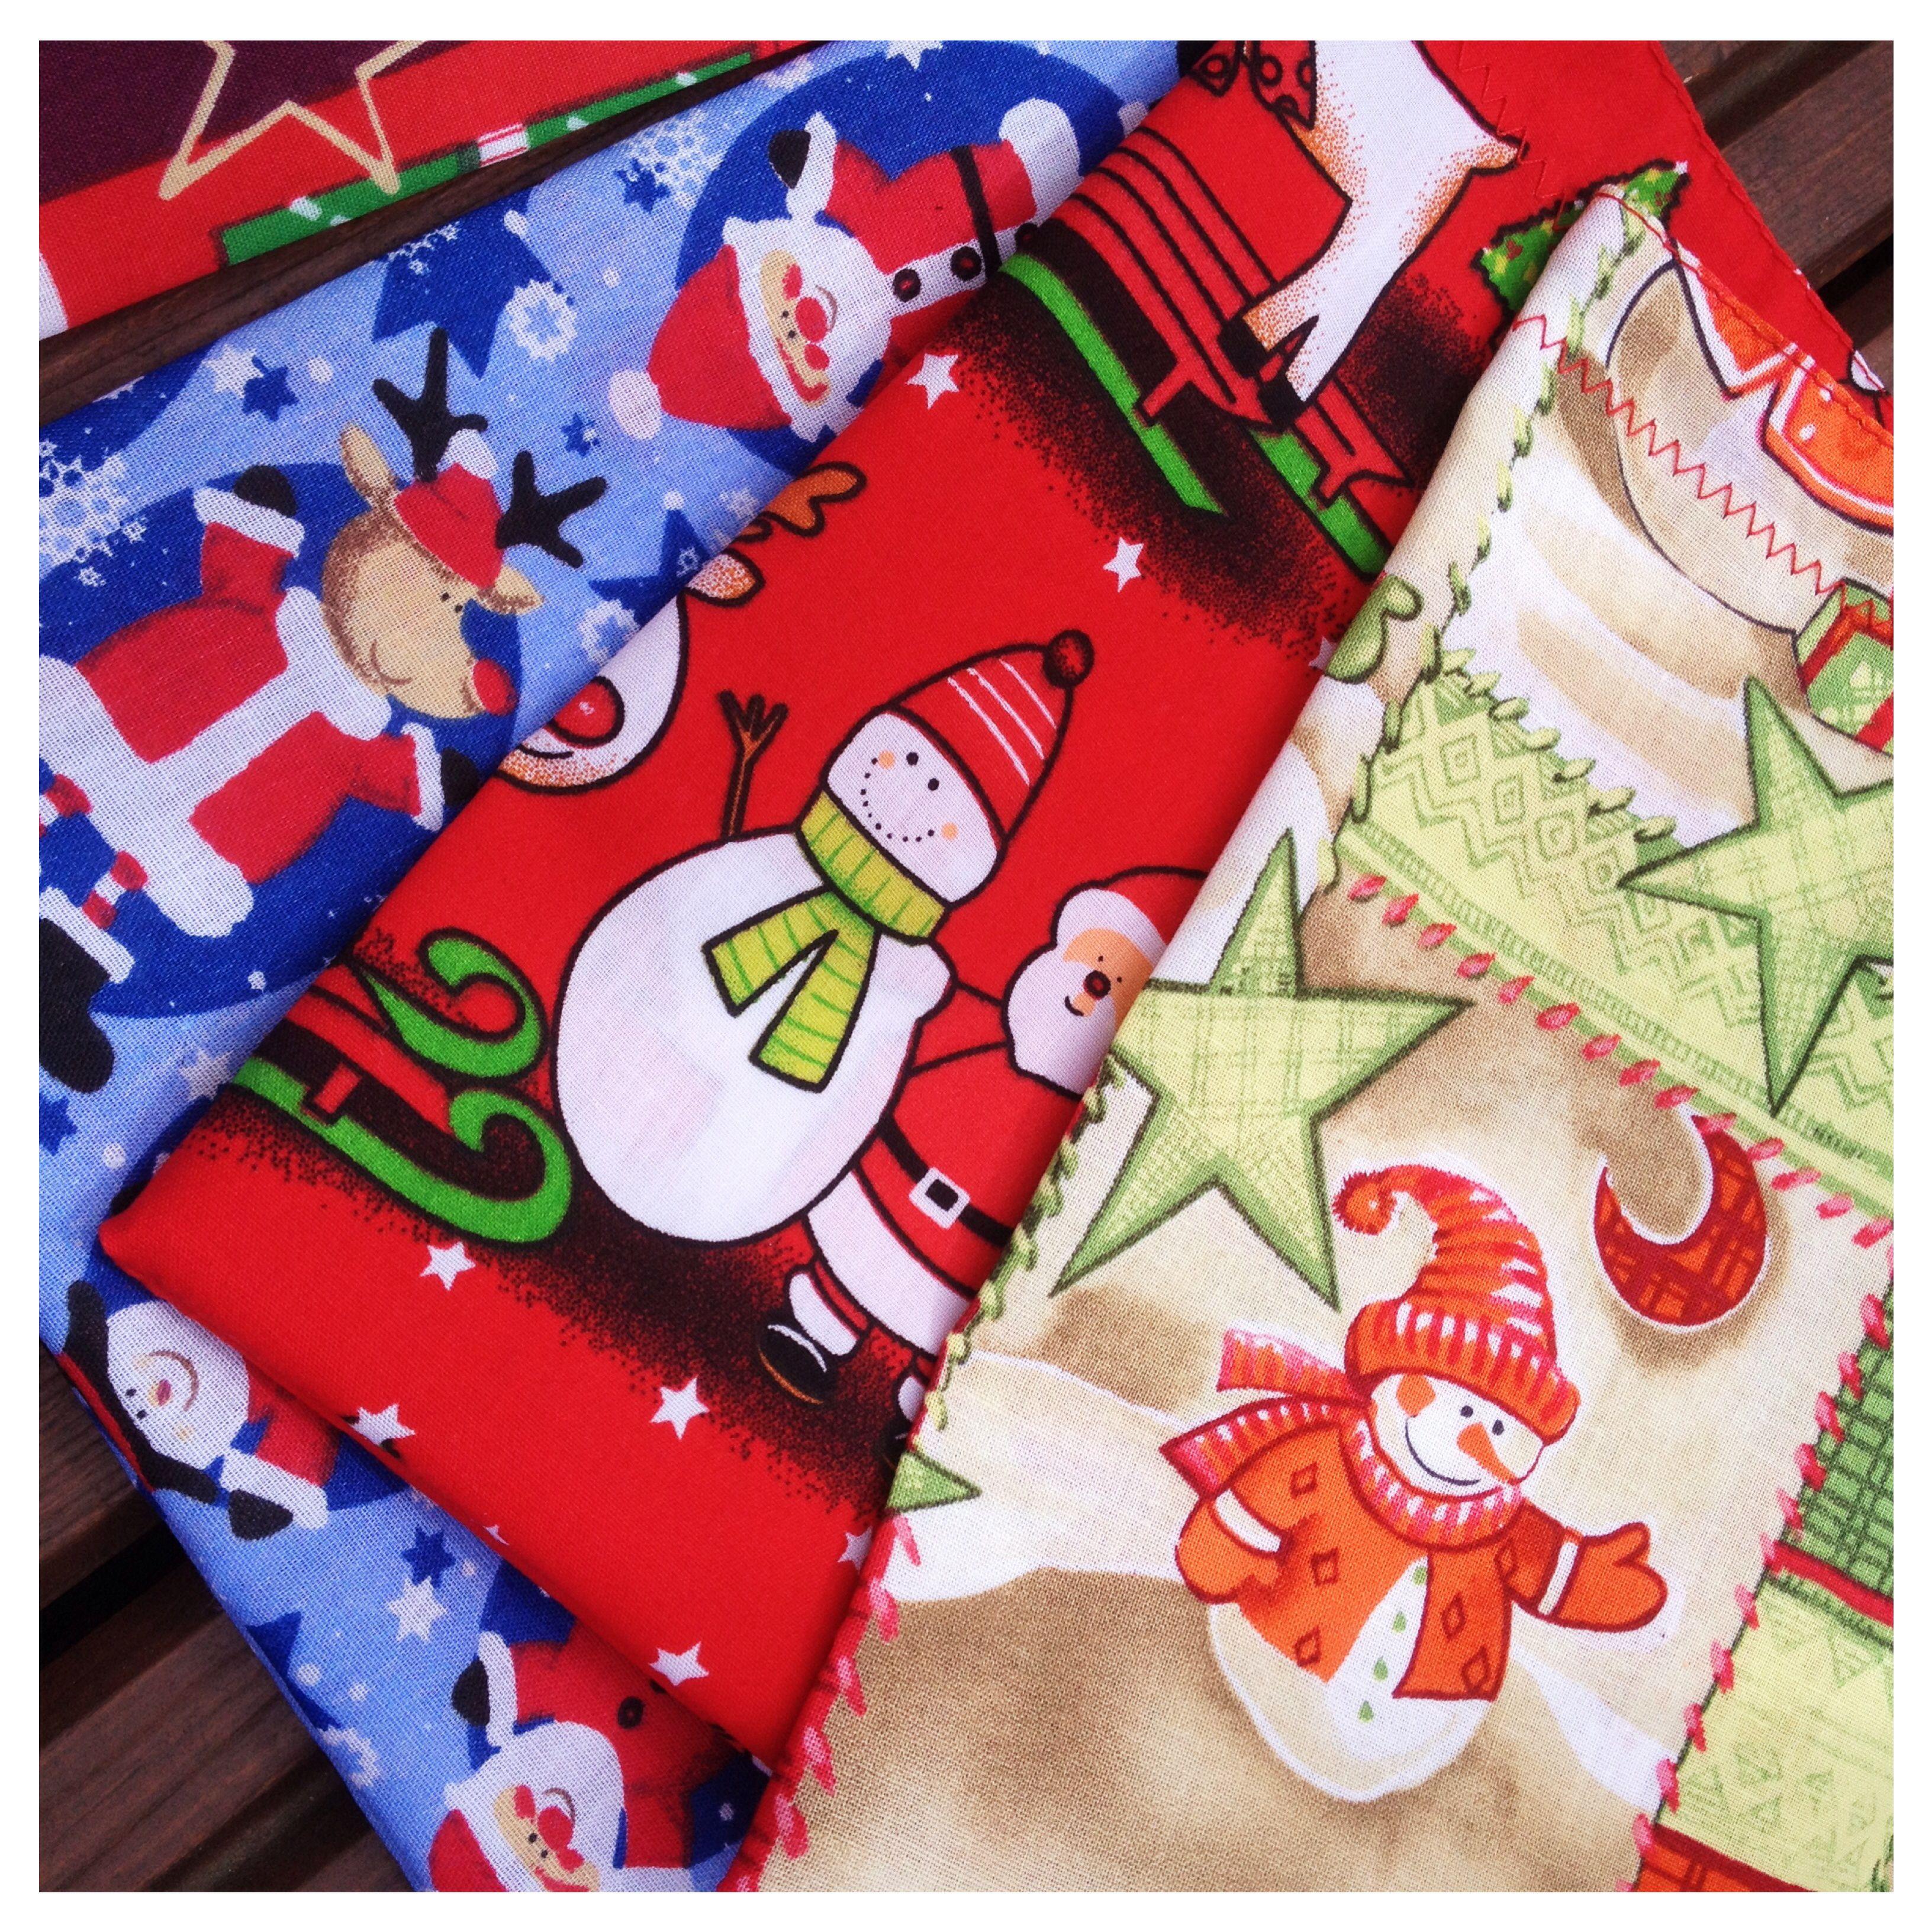 Handmade Christmas Bags £1.00